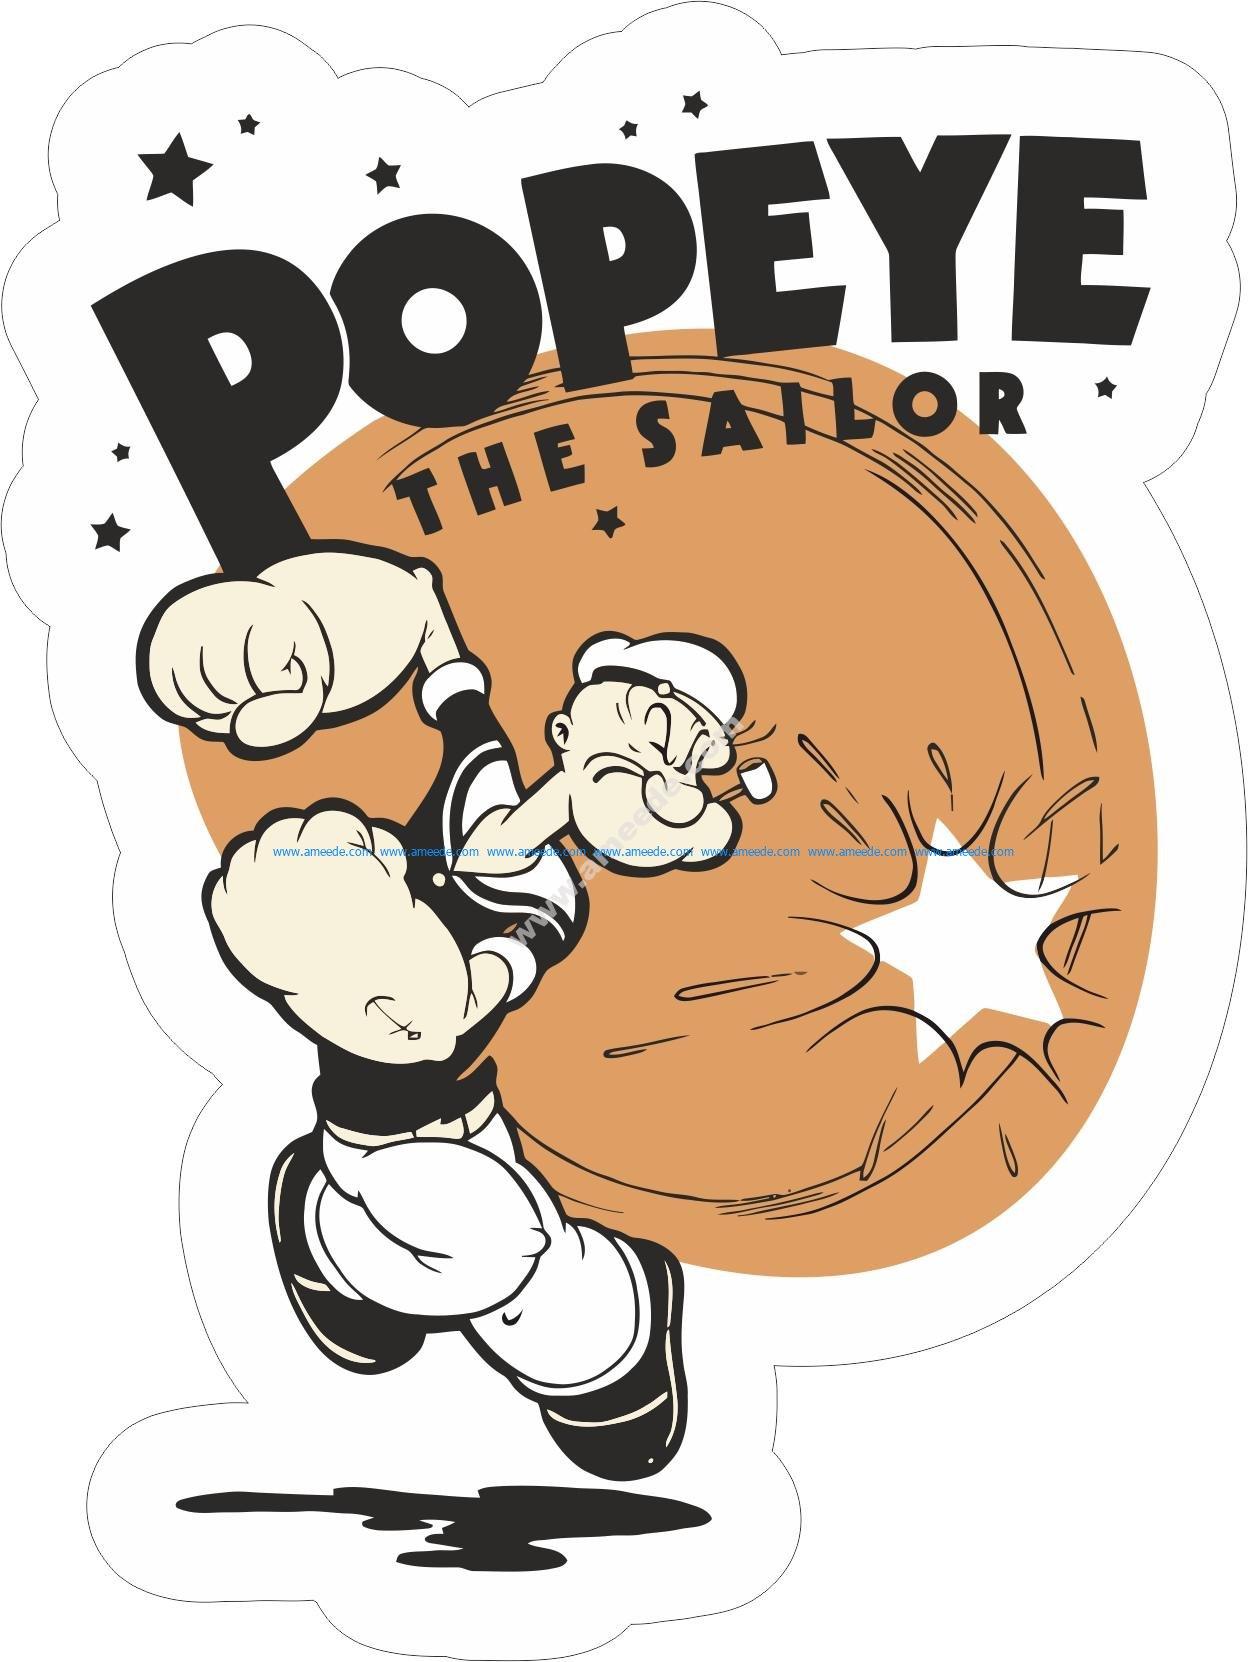 Popeye the sailor sticker